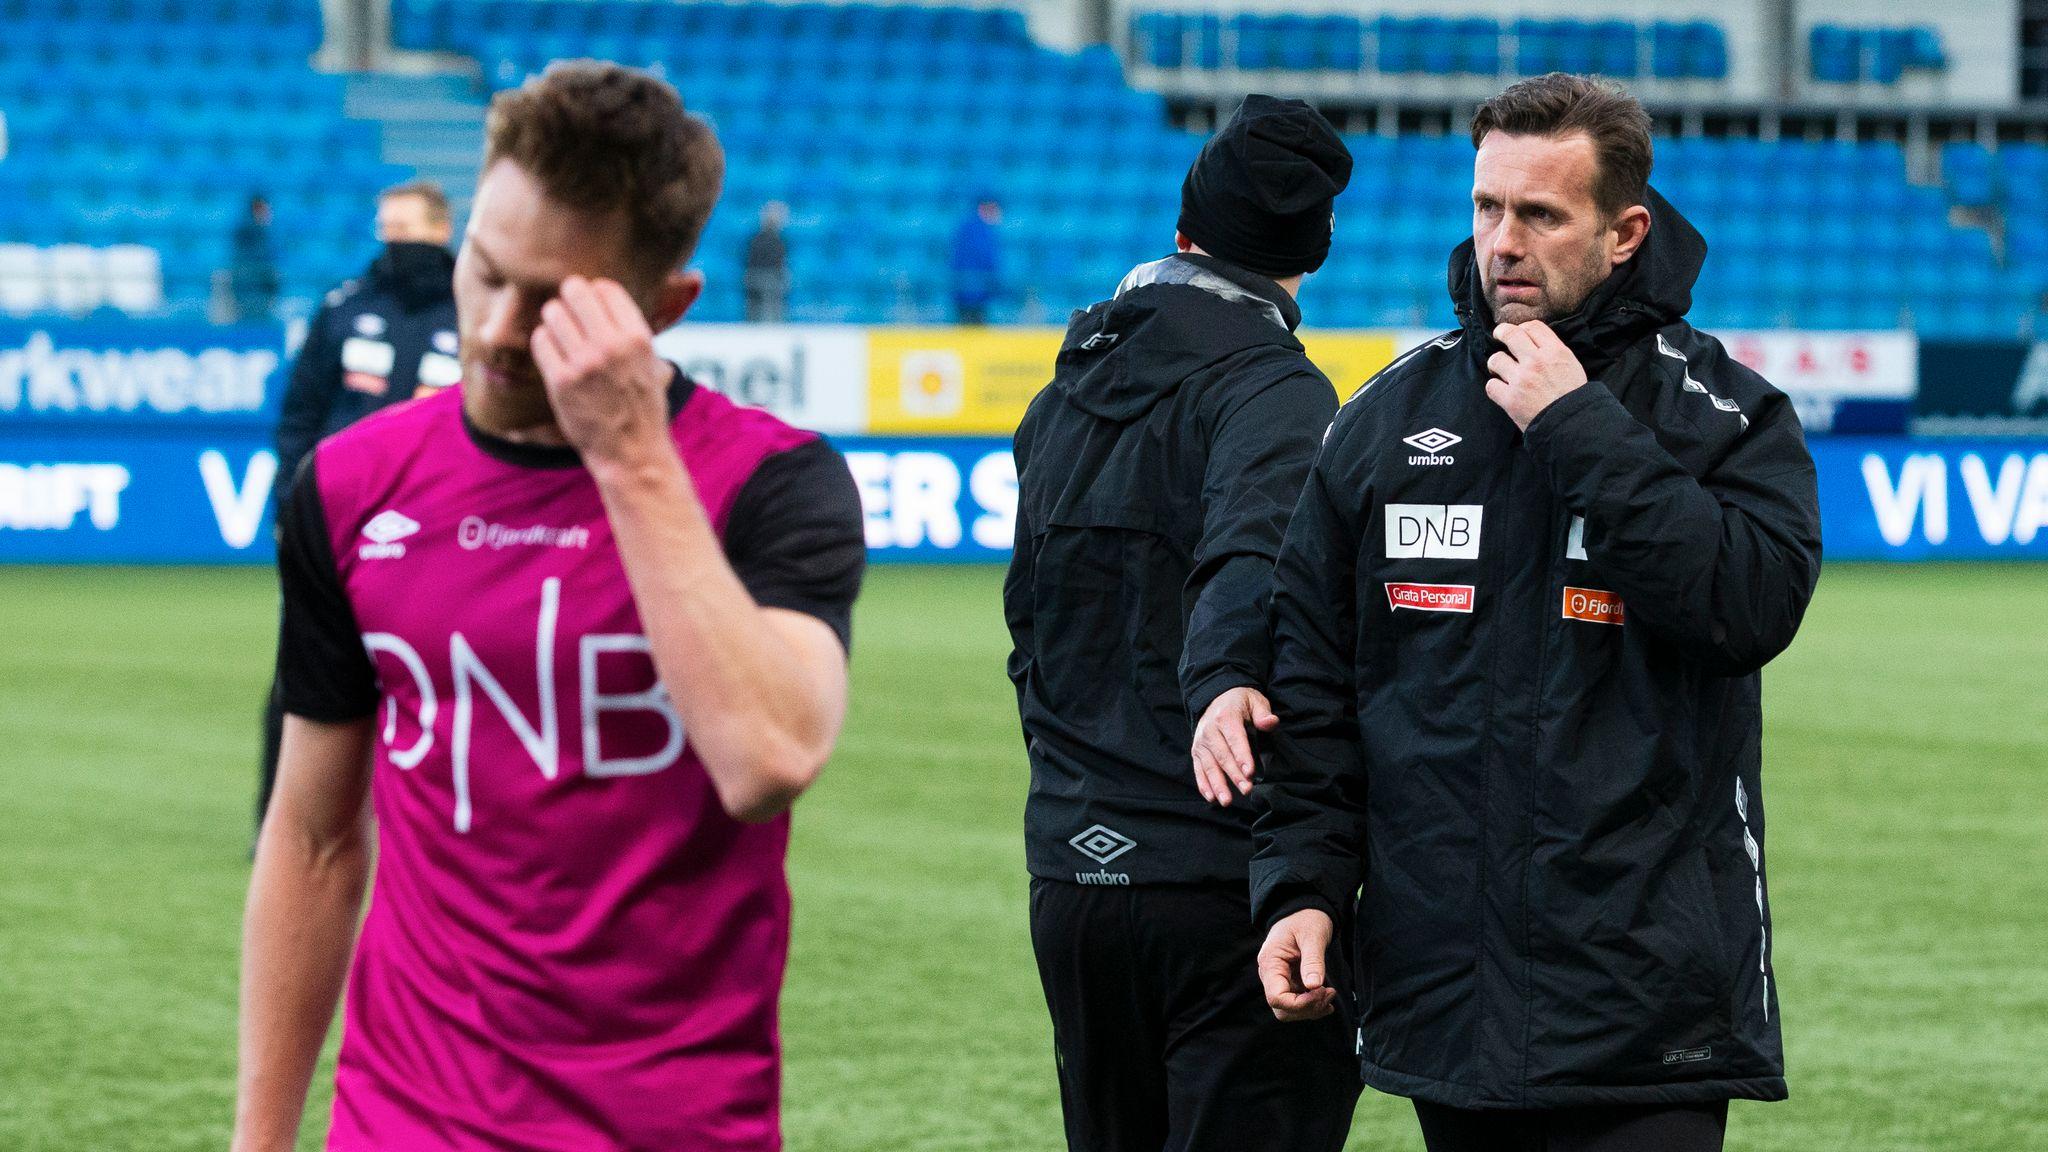 97154190 VIF-trener Ronny Deila mener hans gutter gjorde mye bra borte mot Molde,  selv om det endte med 1–4-tap. Svein Ove Ekornesvåg / NTB scanpix